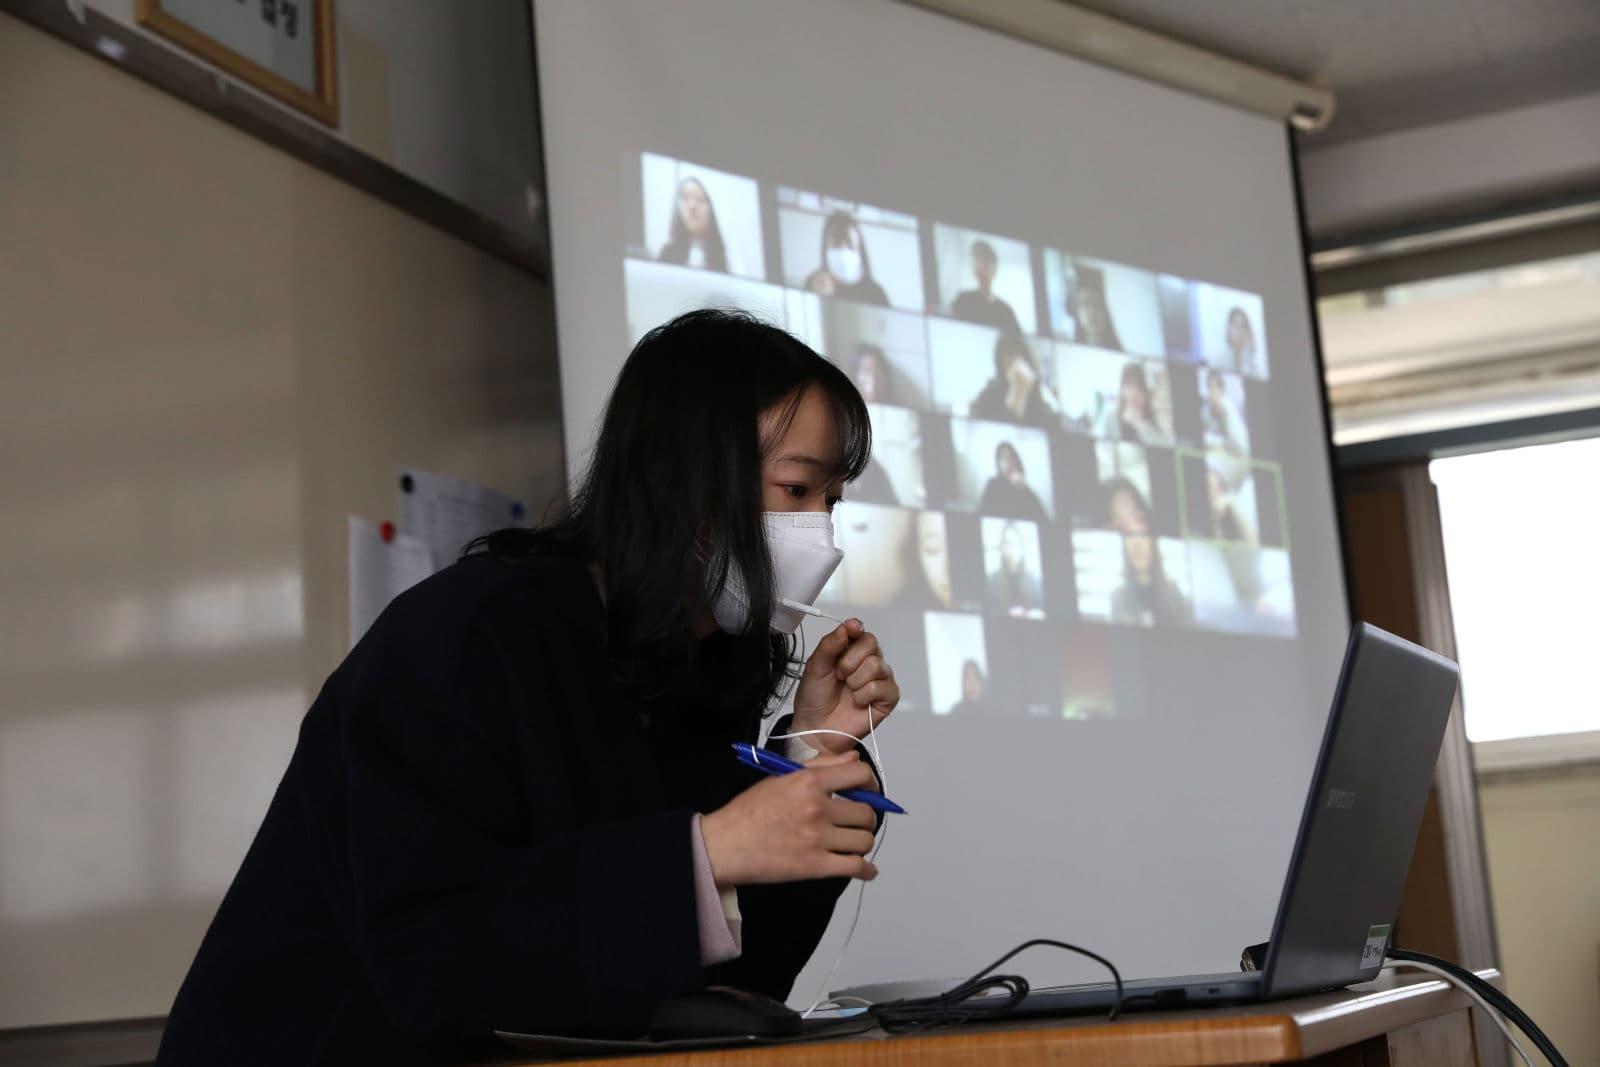 Professora usa uma máscara enquanto dá uma aula online em uma sala de aula vazia